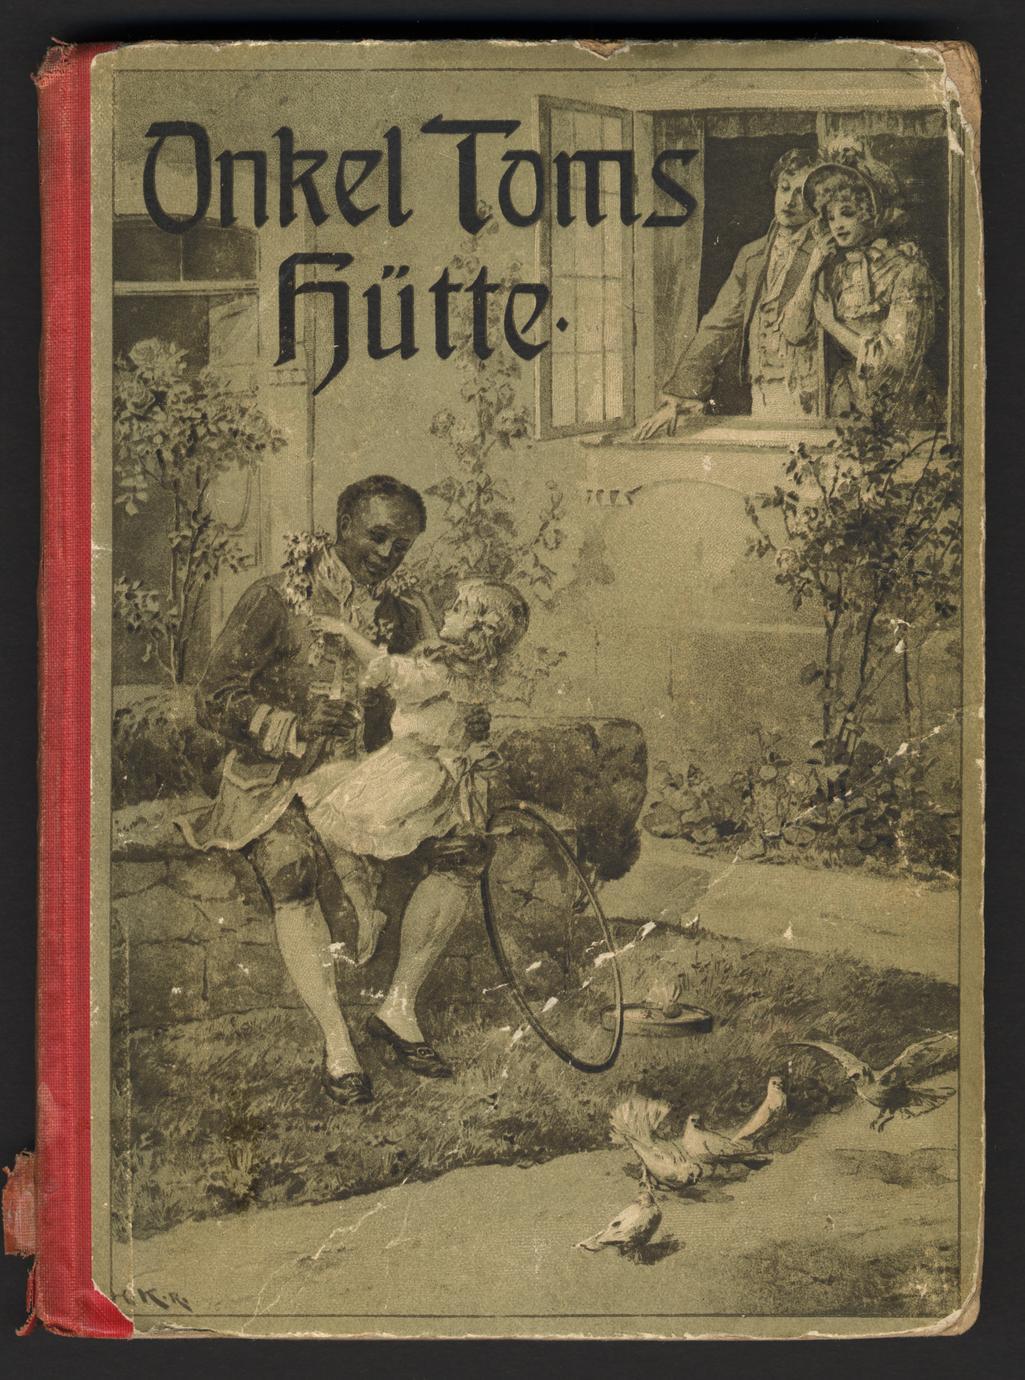 Onkel Toms Hütte oder Negerleben in den Sklavenstaaten von Nordamerika (1 of 2)